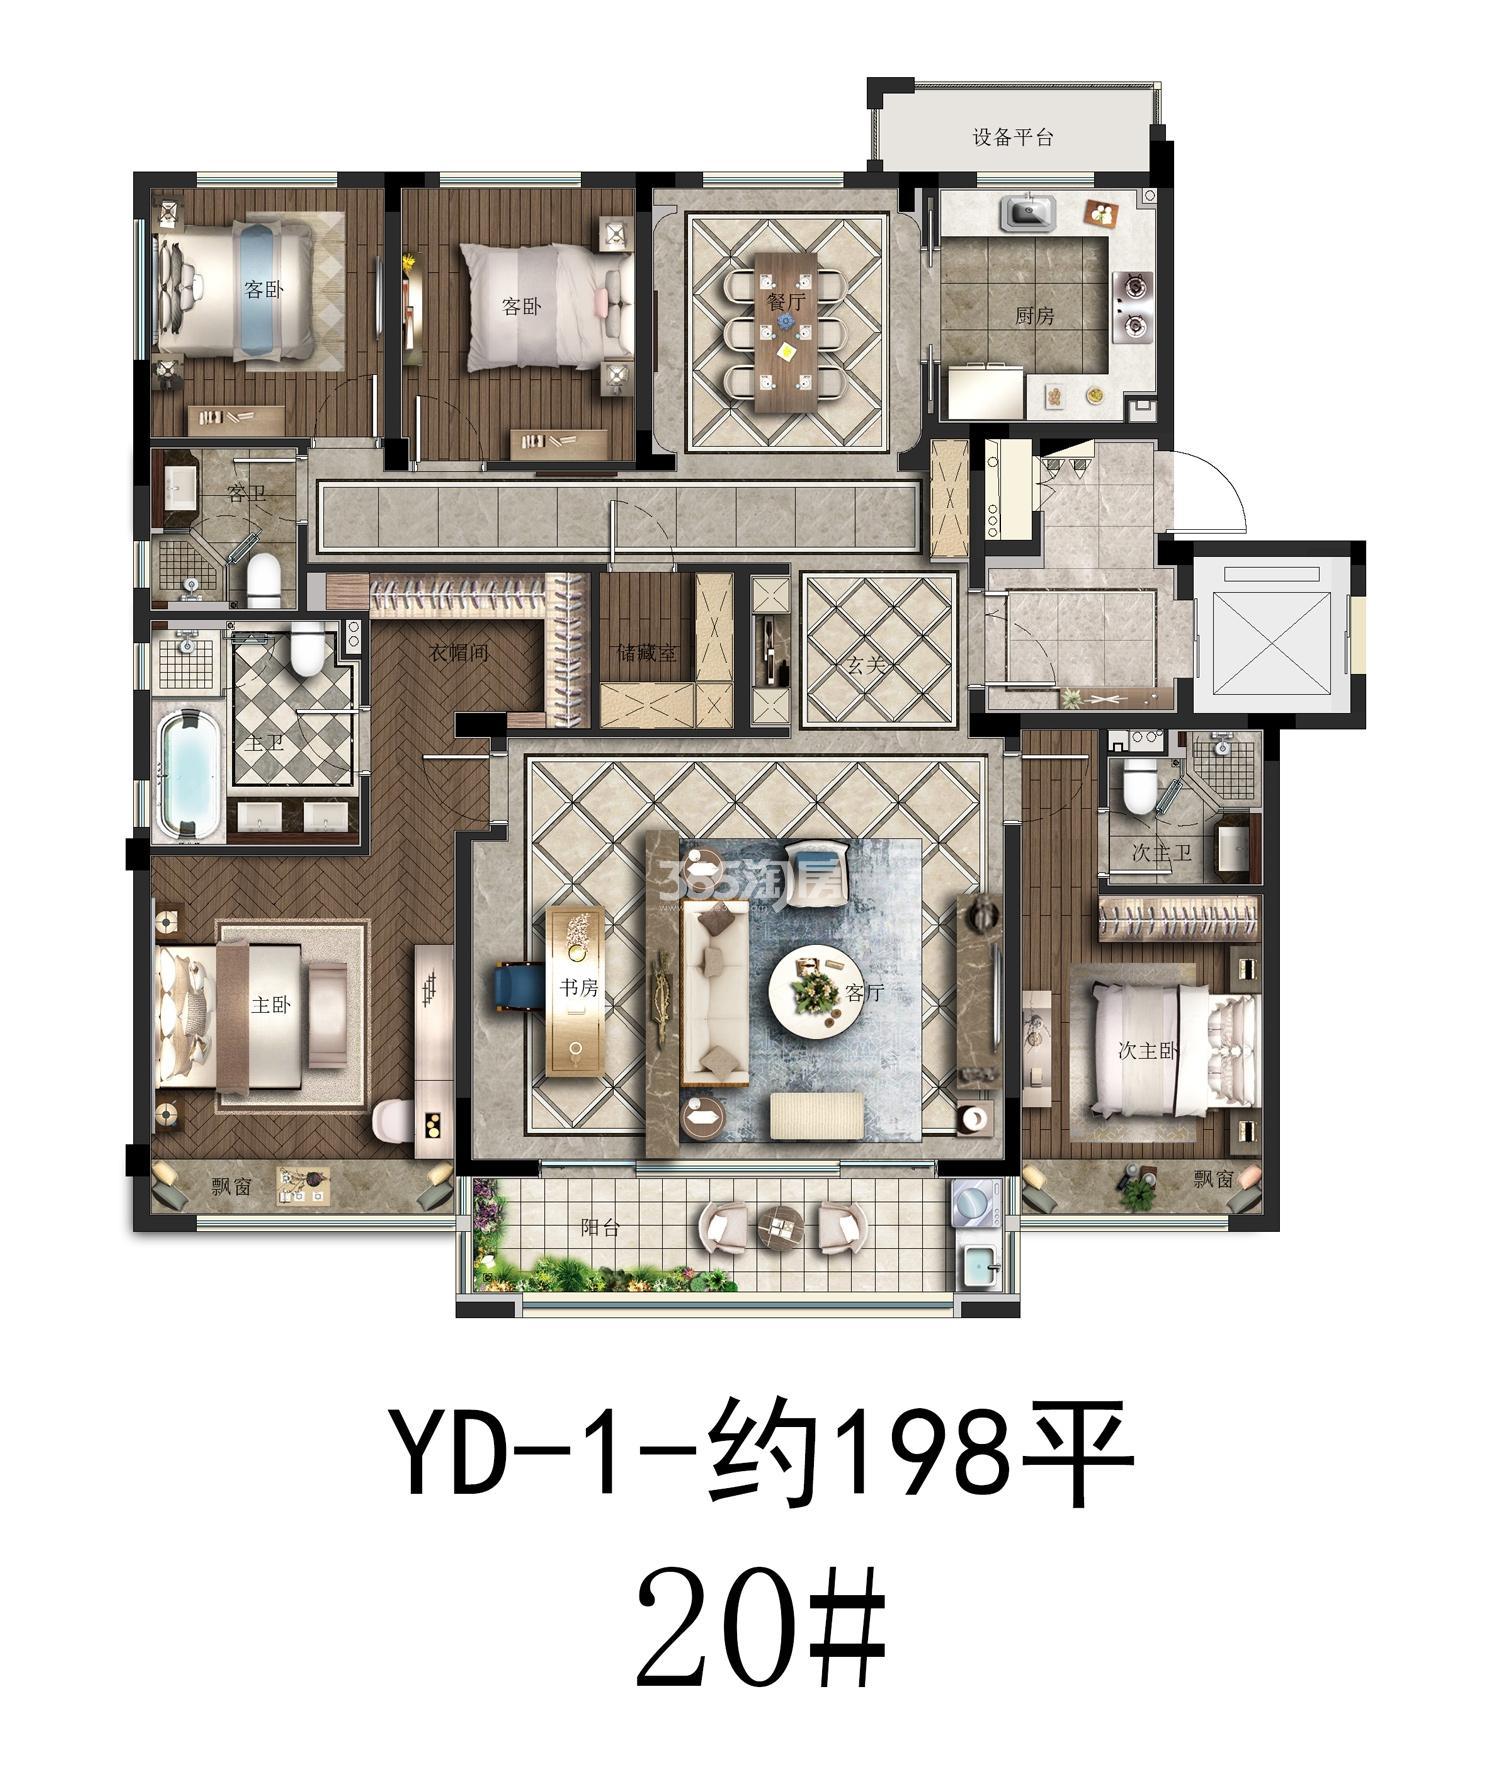 保利澄品洋房D-1户型约198方(20#)